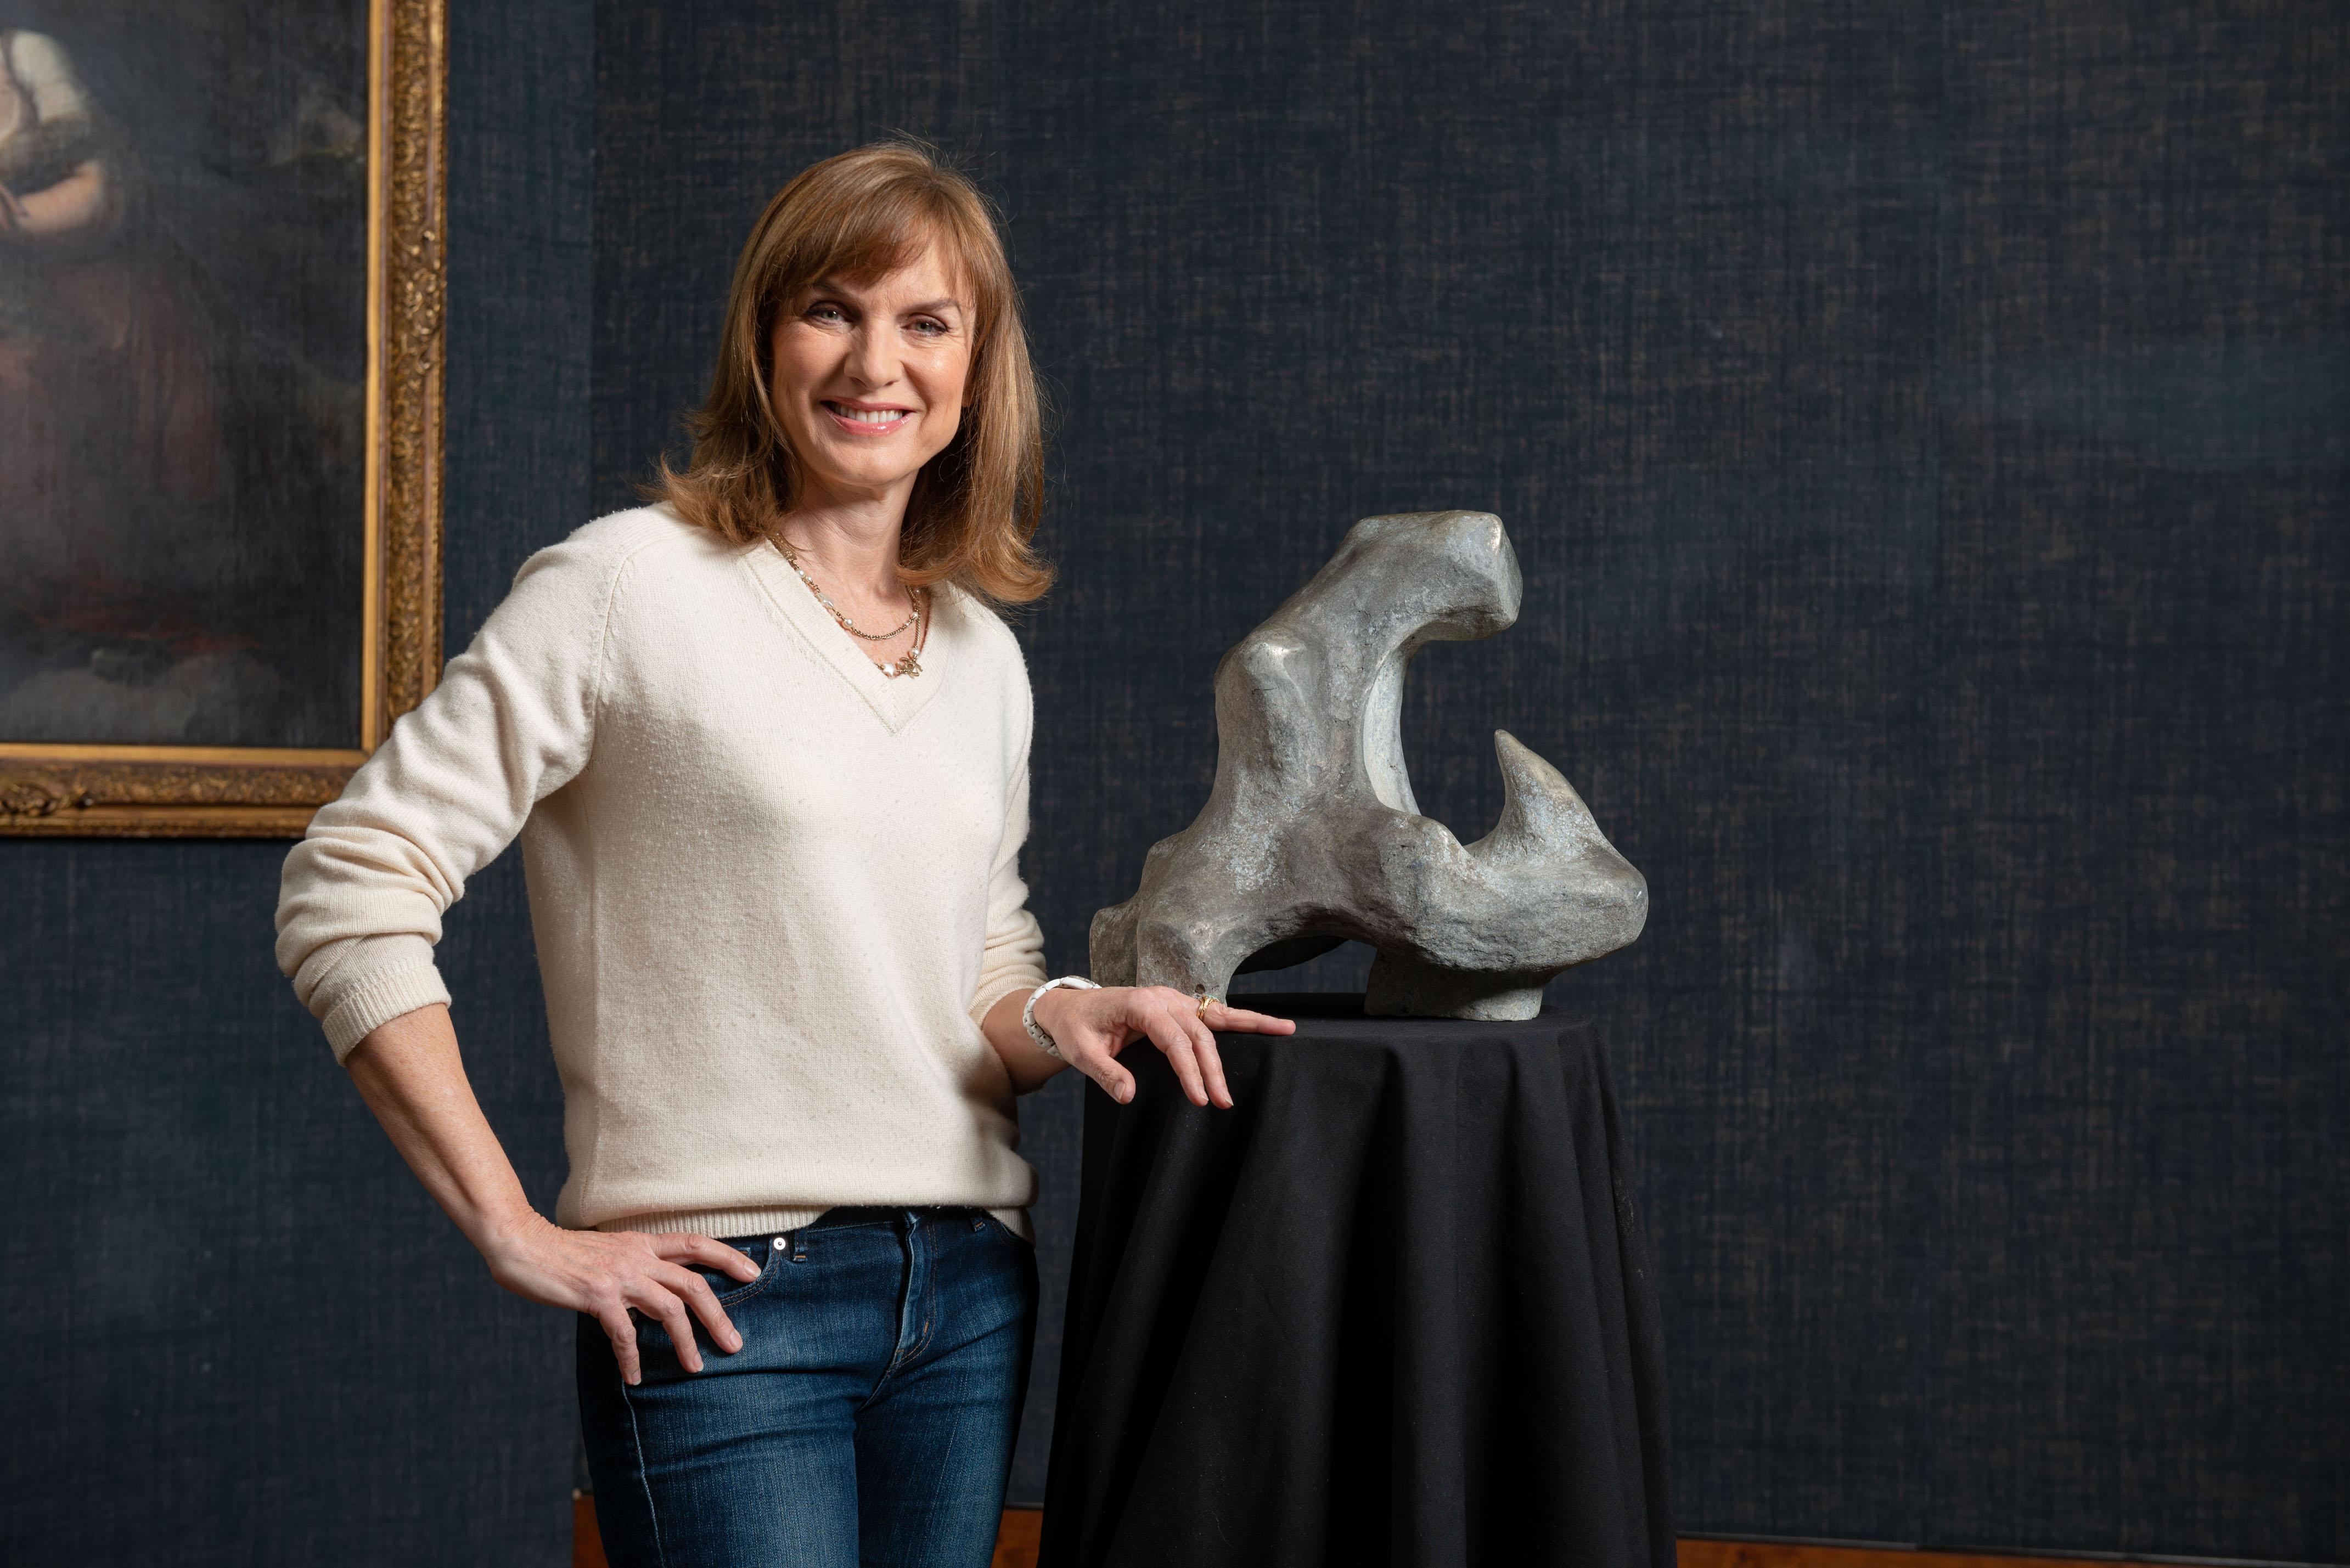 Esta noche en la televisión Fiona Bruce con una posible escultura de Henry Moore.